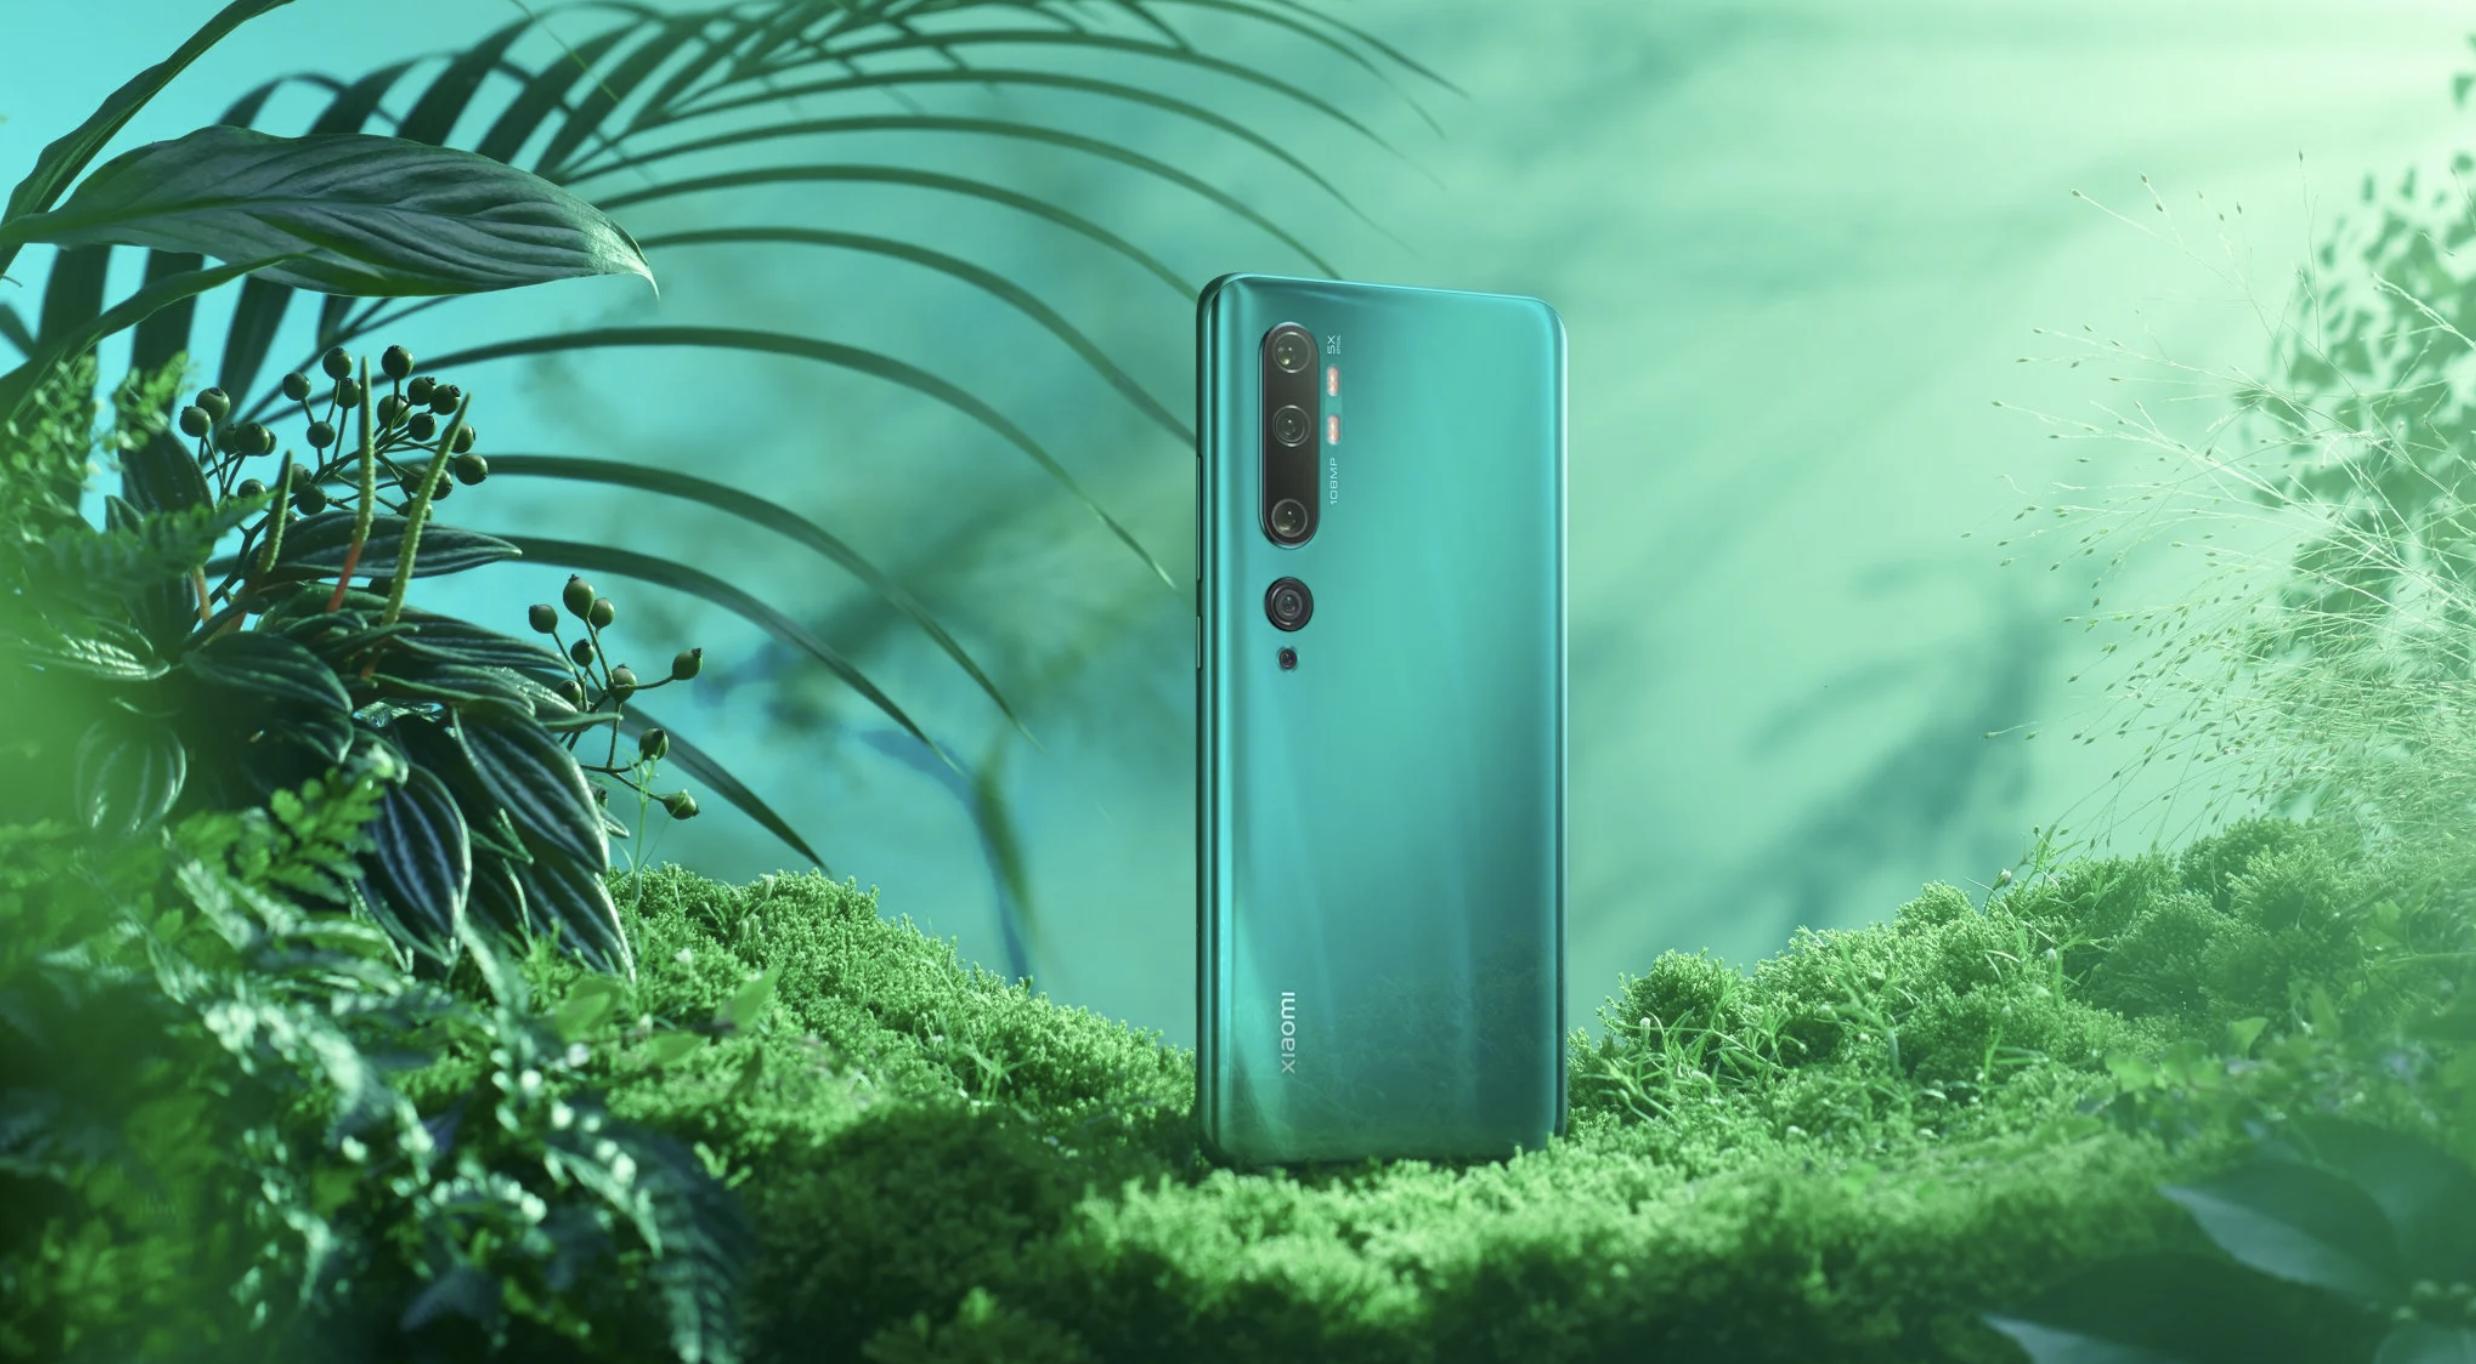 Polskie debiuty atrakcyjnych nowości od Xiaomi. Wszystko o Mi Note 10 i Redmi Note 8T